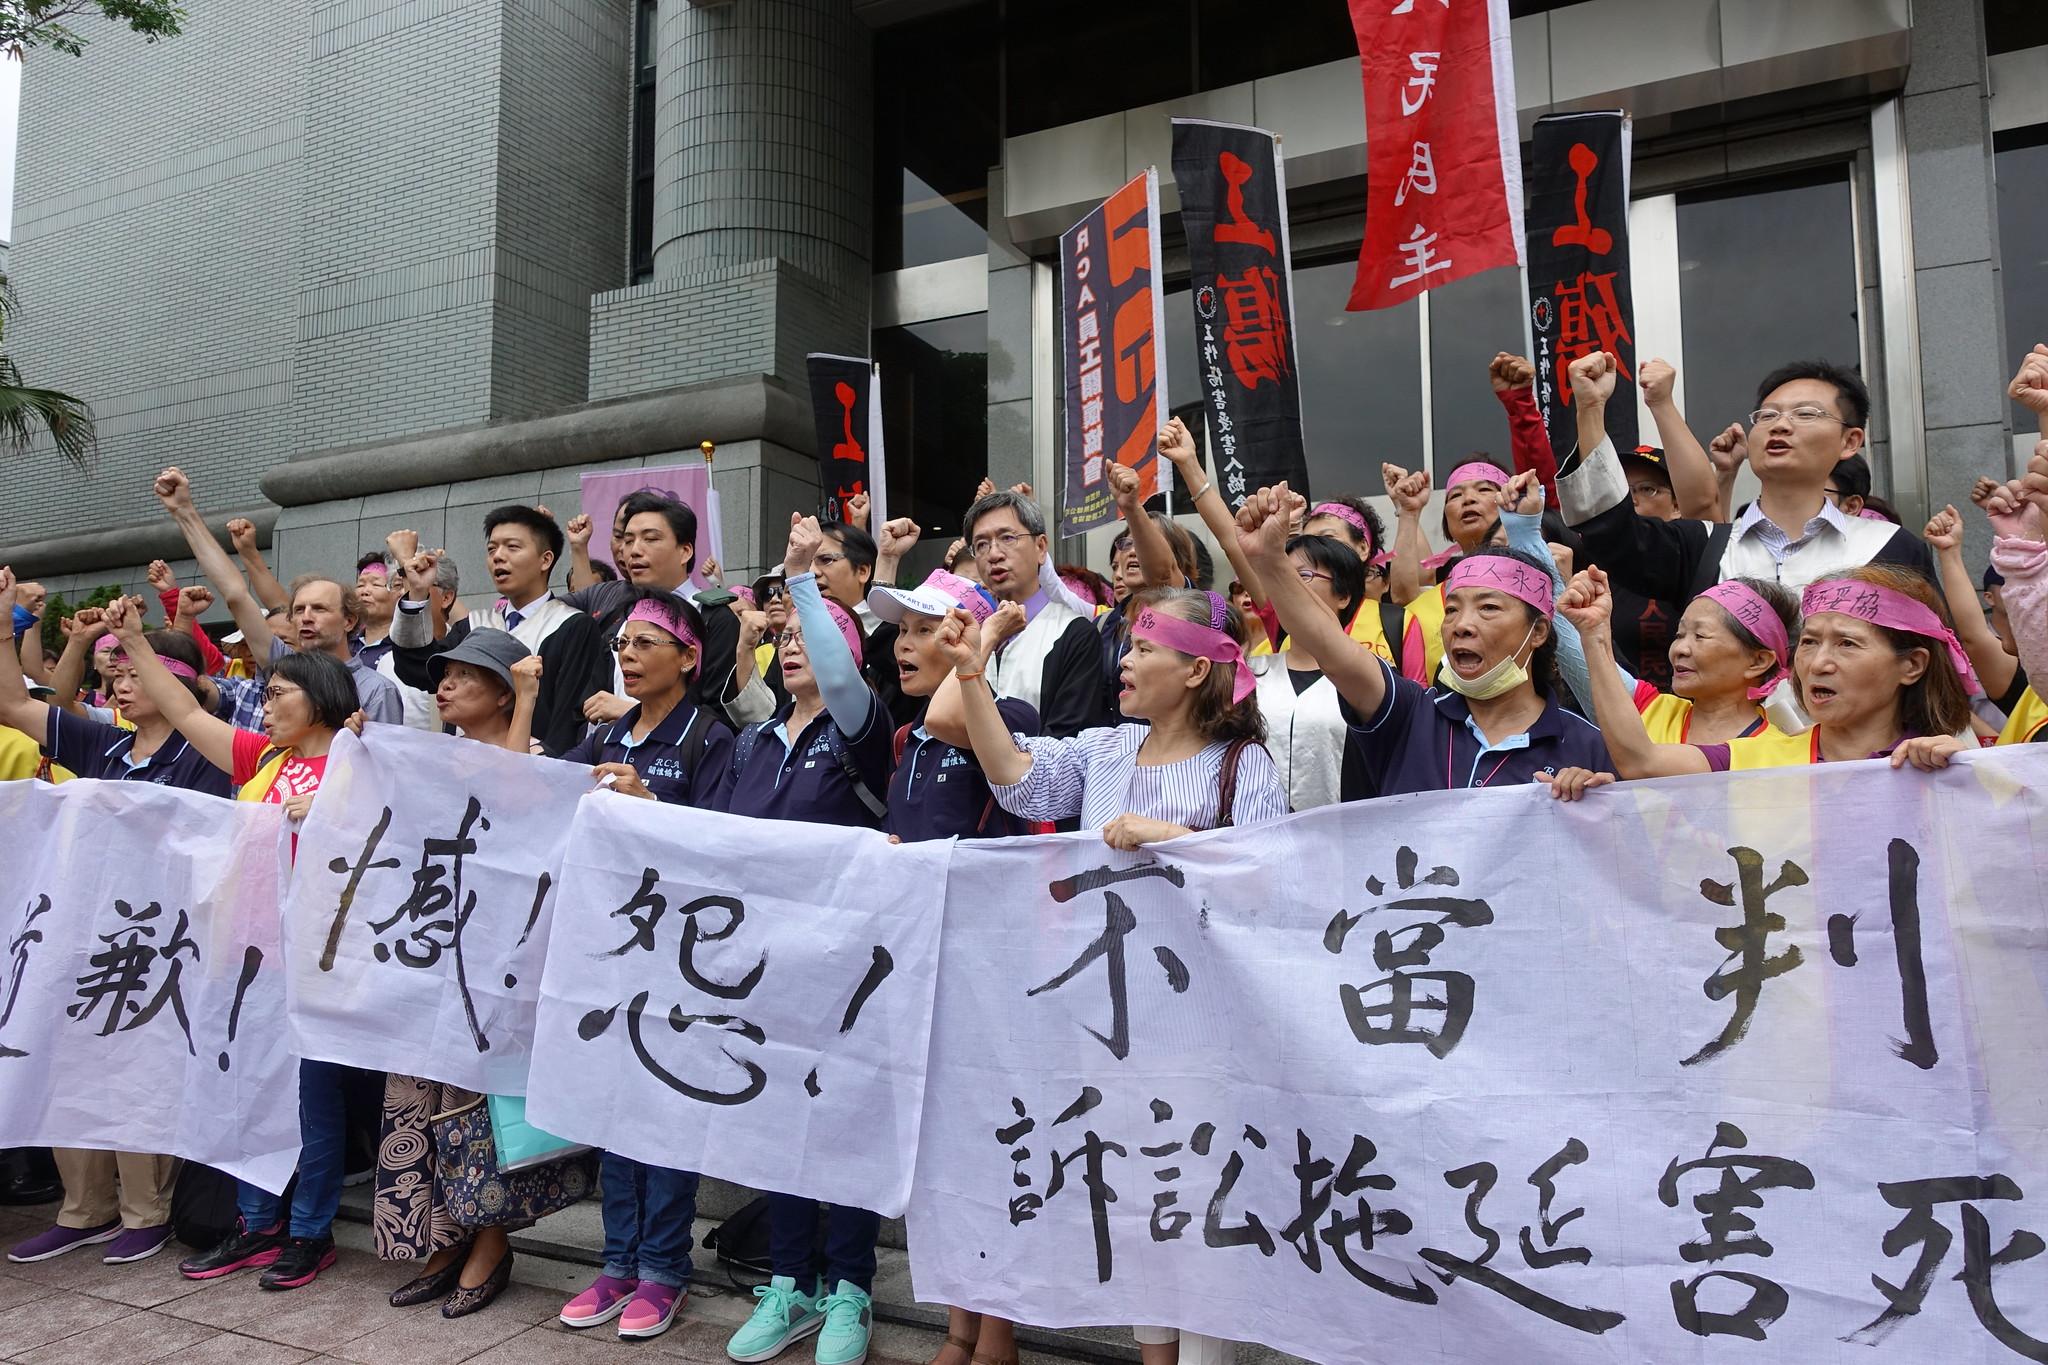 RCA員工、律師團、學者和聲援民眾在最高法院外高呼「我們沒輸!」(攝影:張智琦)